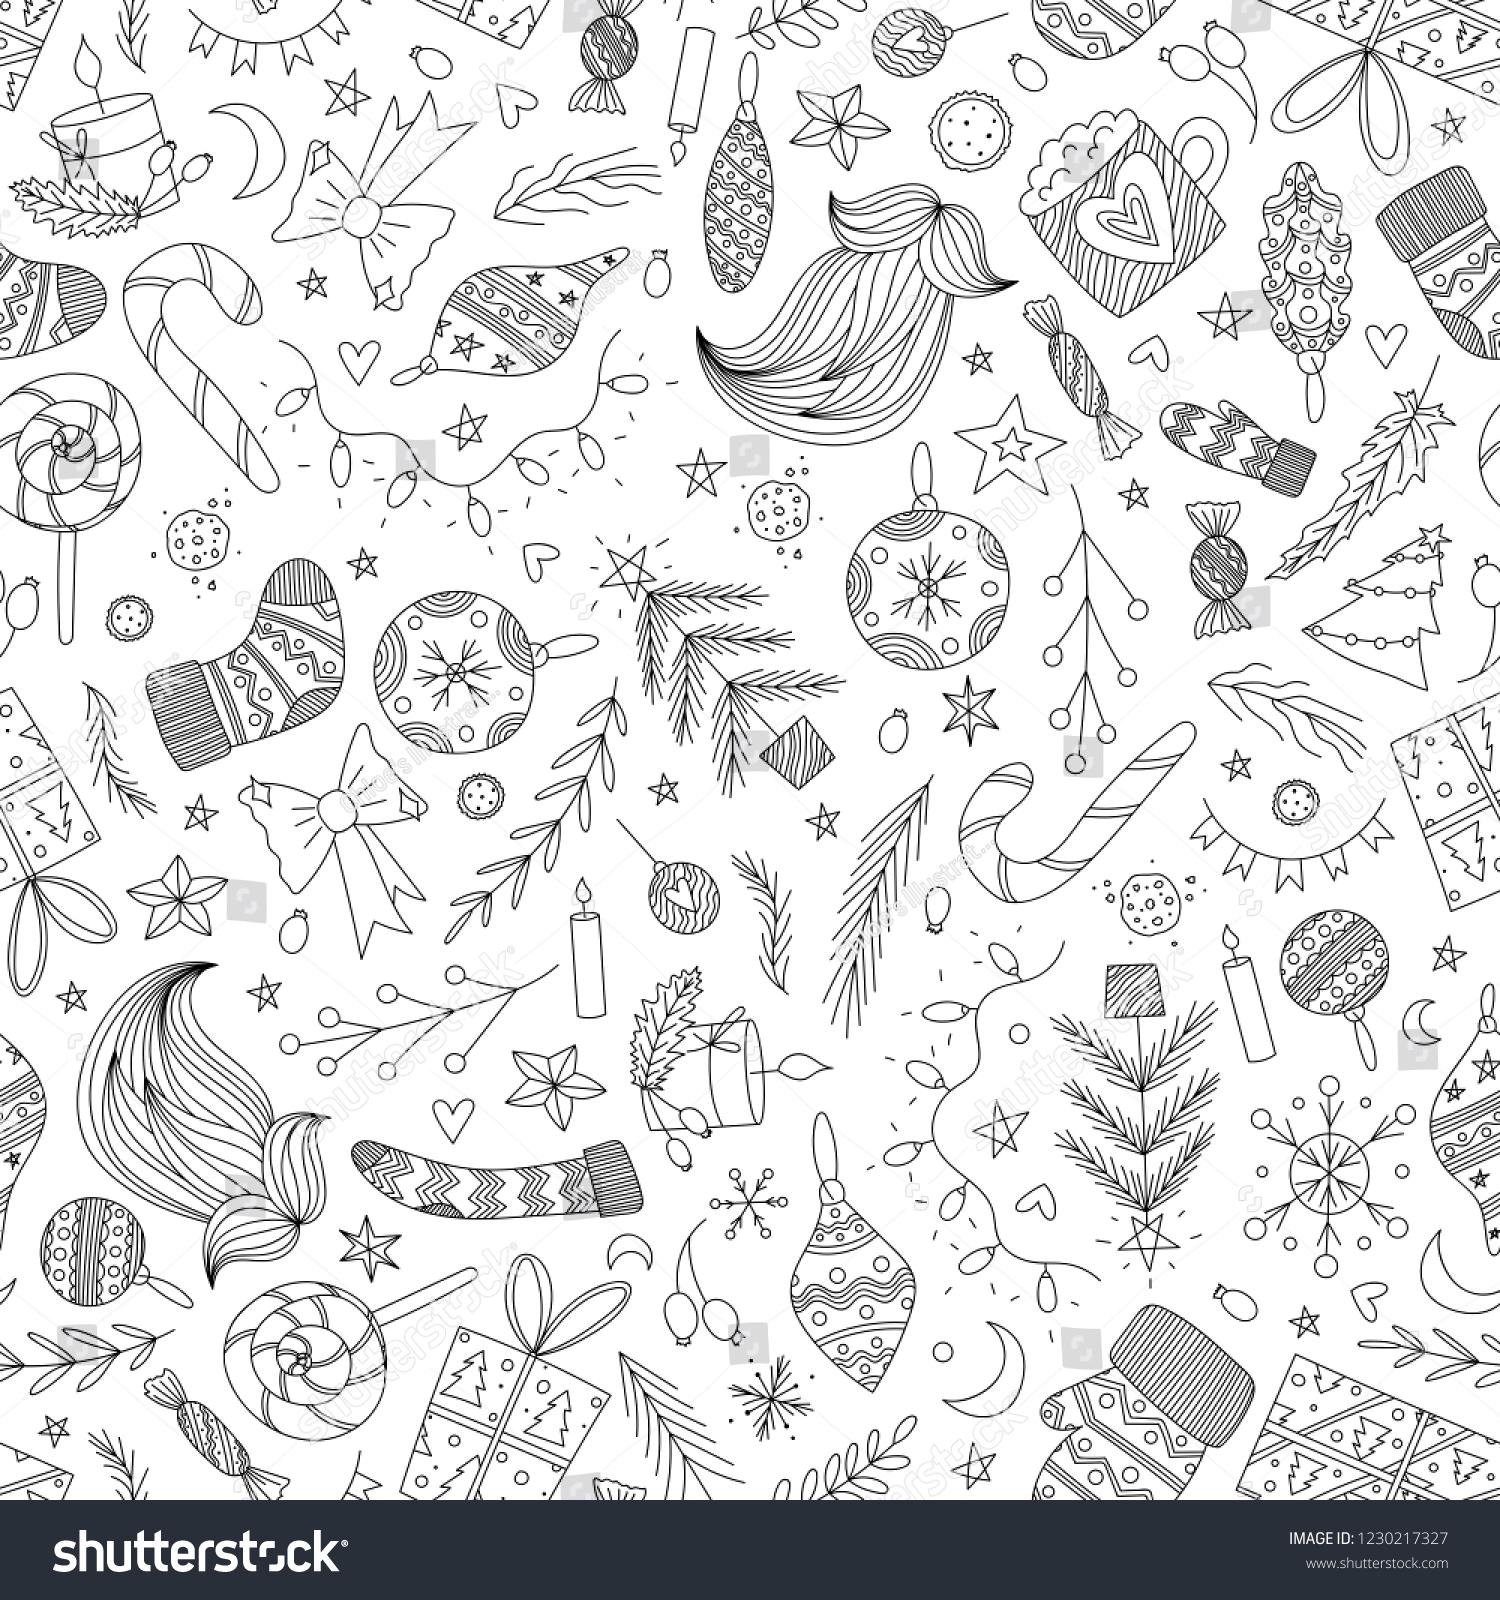 stock-vector-vector-christmas-doodle-sea